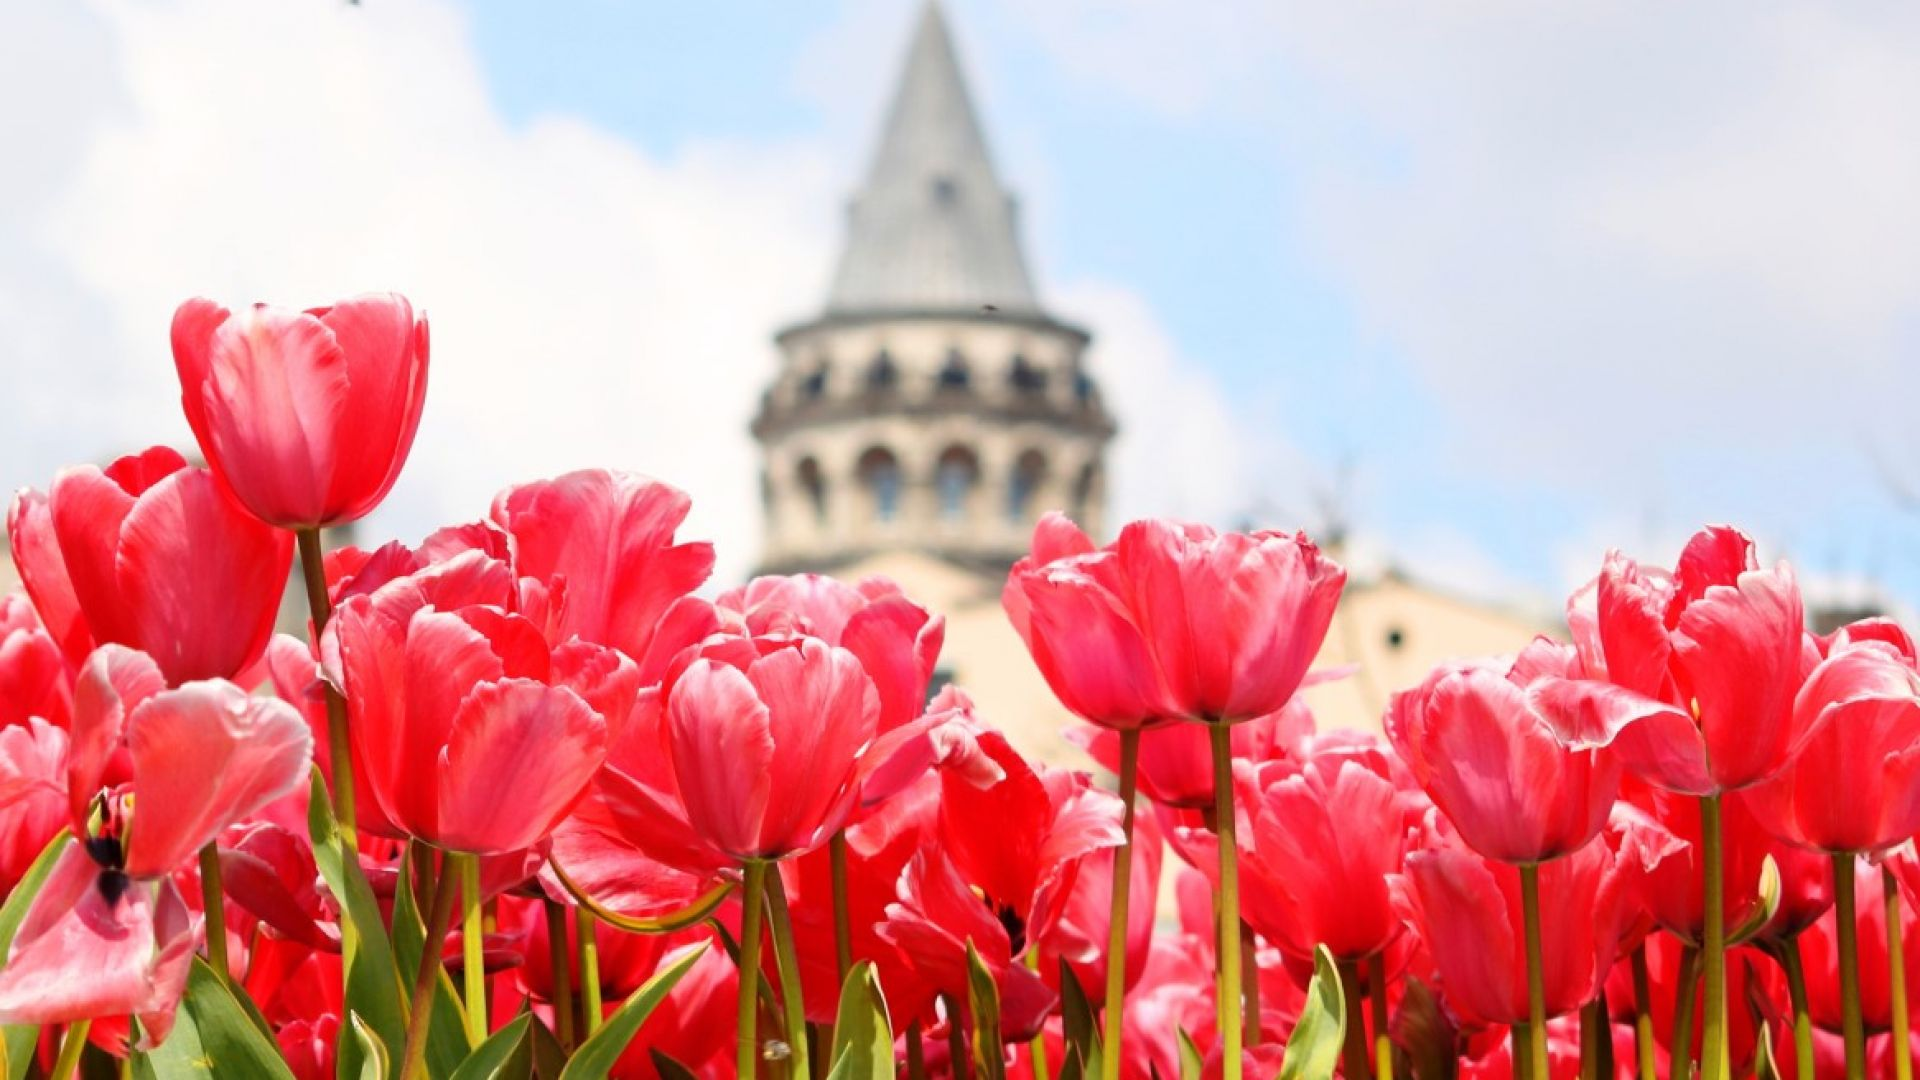 Истанбул е винаги добра идея. Най-големият и космополитен град в Турция се събужда за живот на открито през пролетта. Парковете се изпълват с хора, а лехите преливат от лалета, нарциси и зюмбюли във всички възможни цветове.